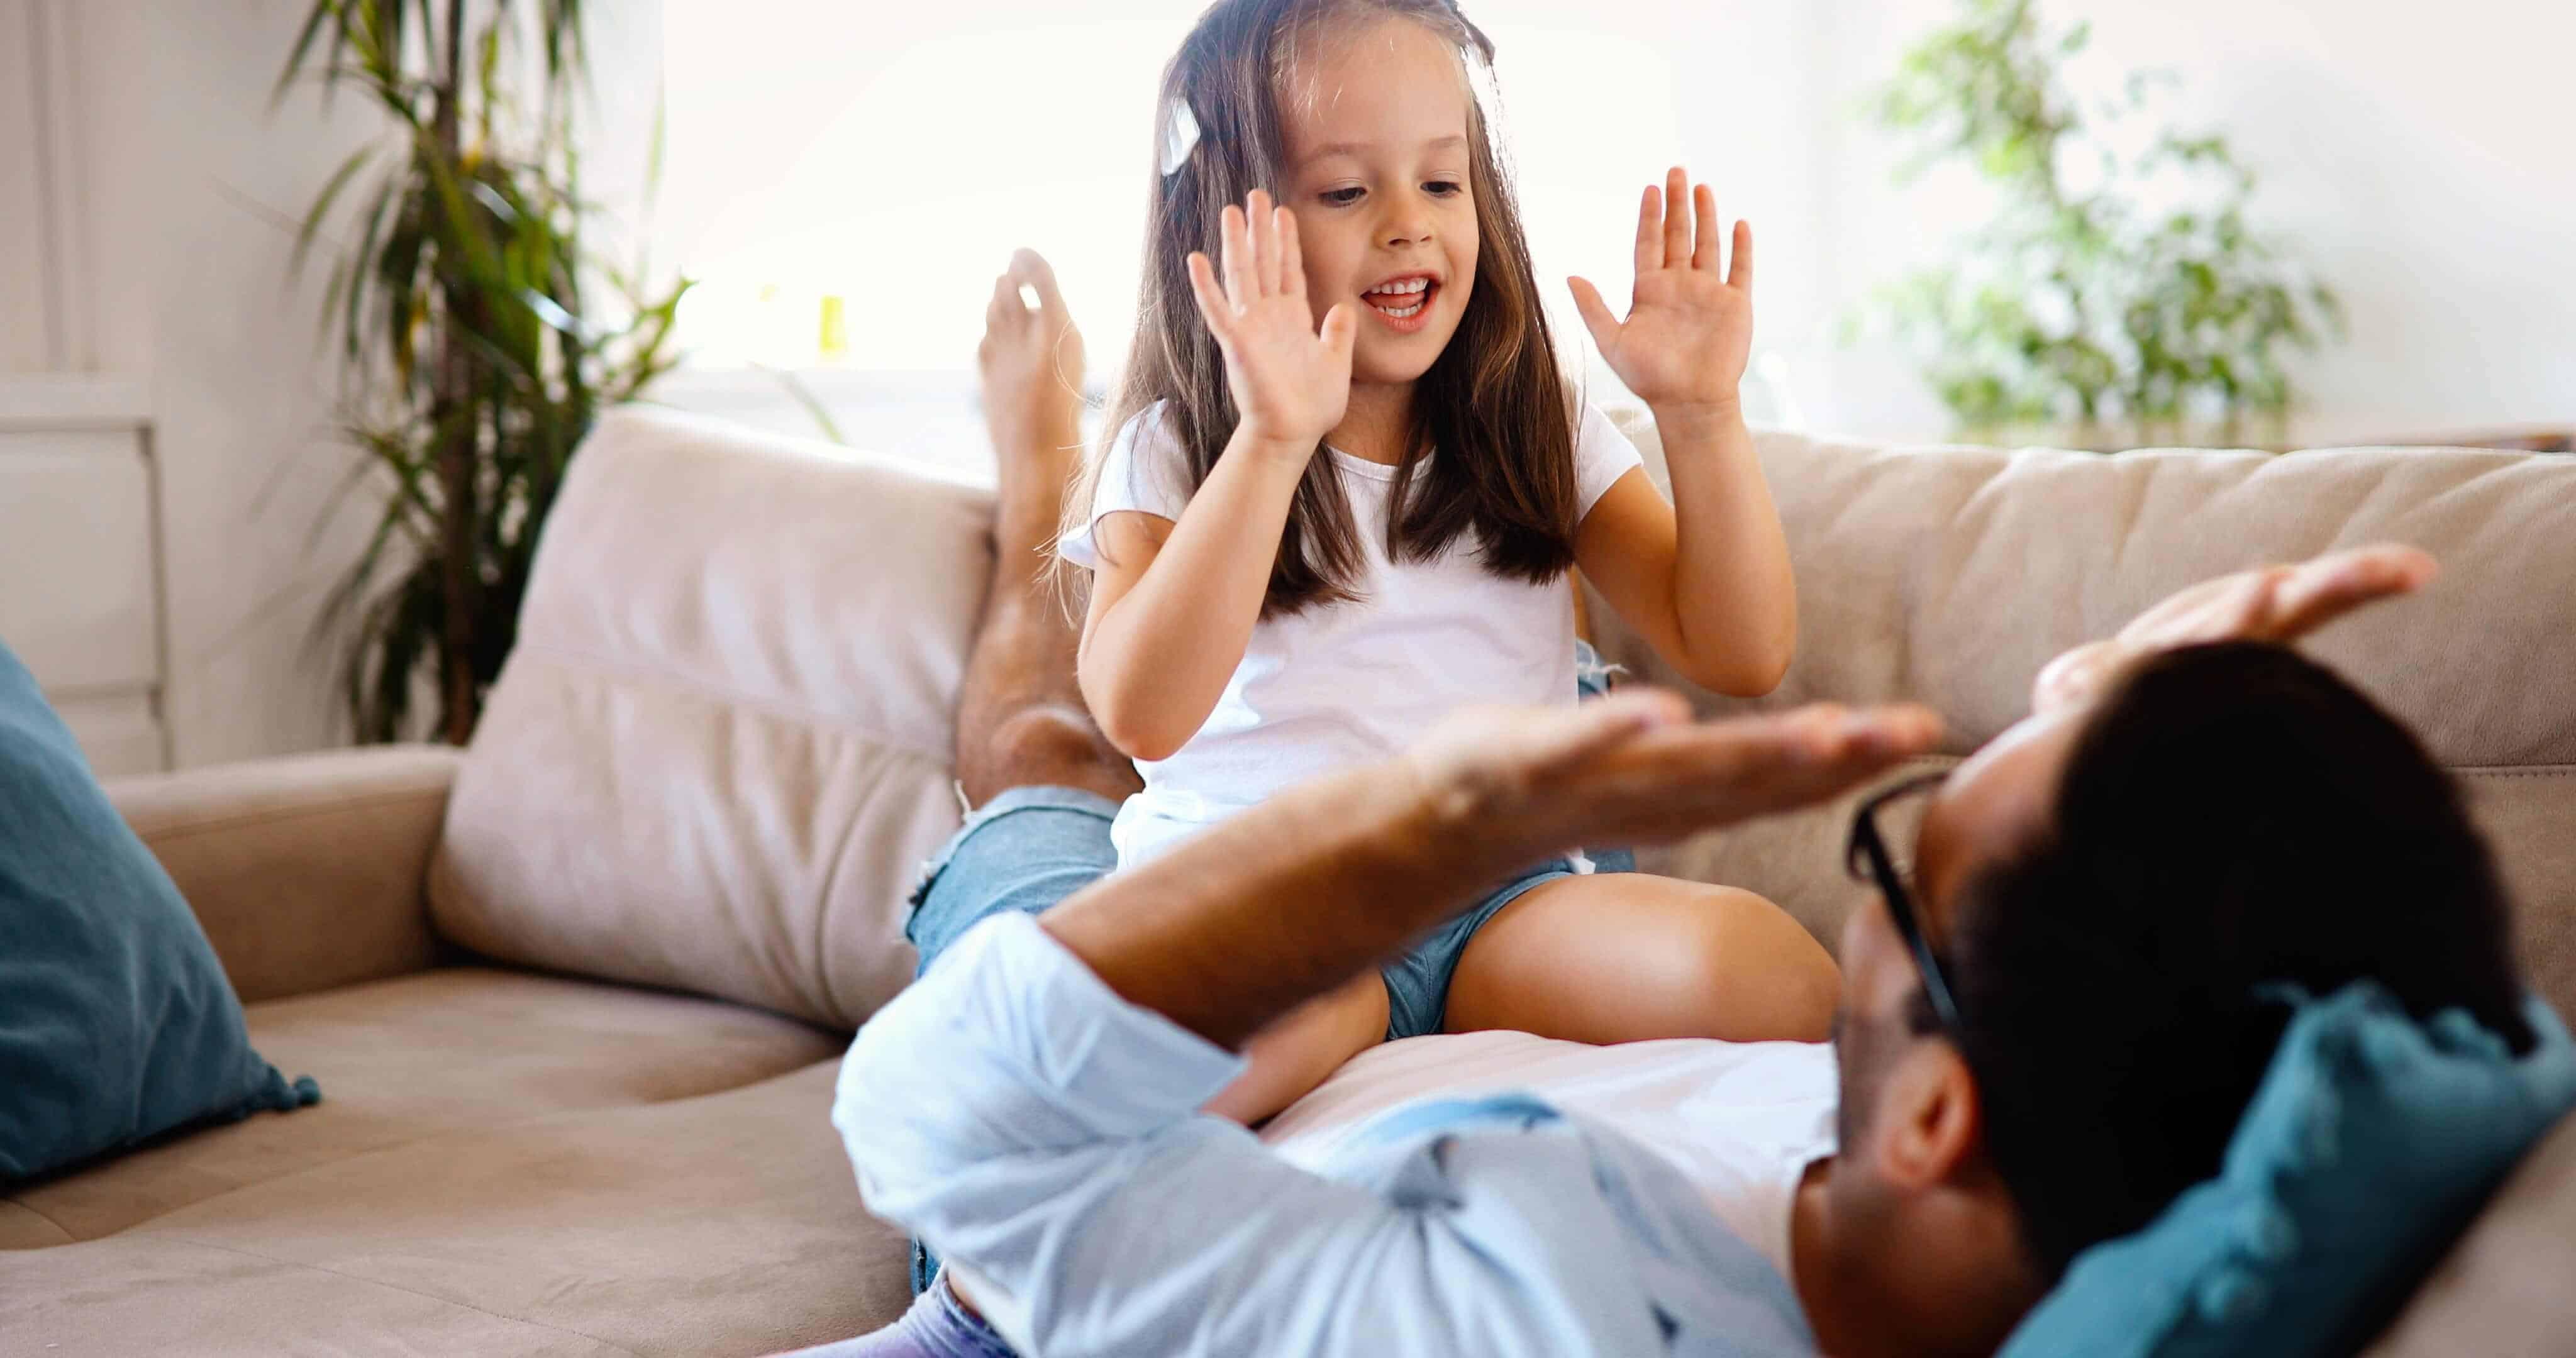 Vader en dochter handje klappen finzie website